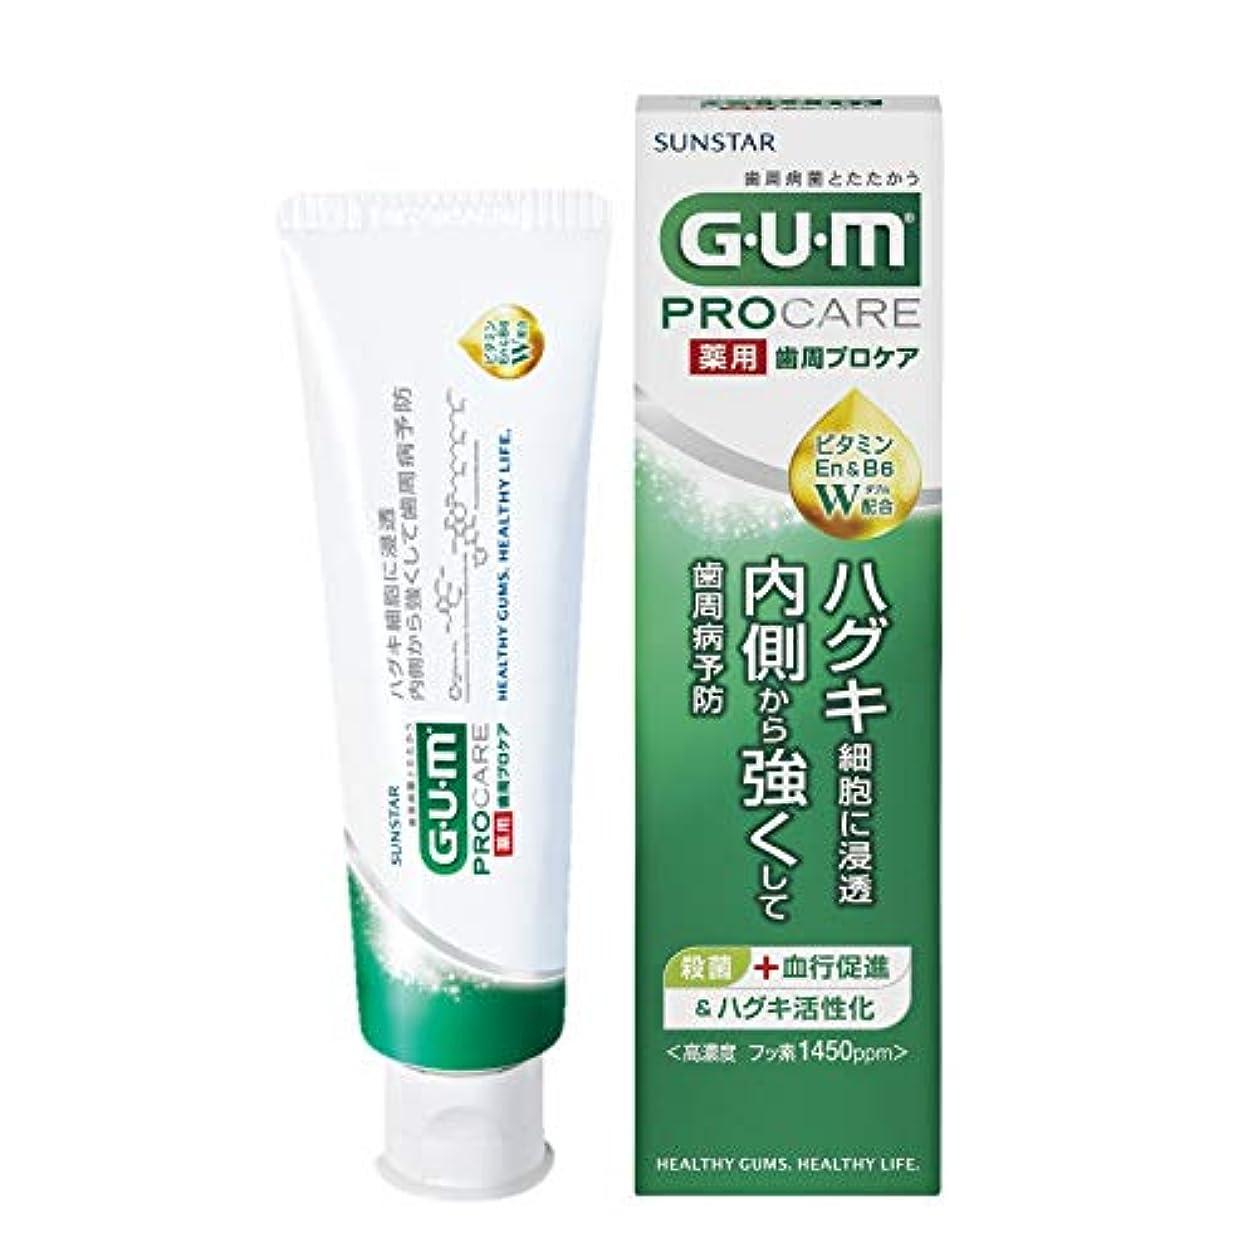 くぼみ入り口印象派[医薬部外品] GUM(ガム) 歯周プロケア 歯みがき 90g <歯周病予防 ハグキケア 高濃度フッ素配合 1450ppm>